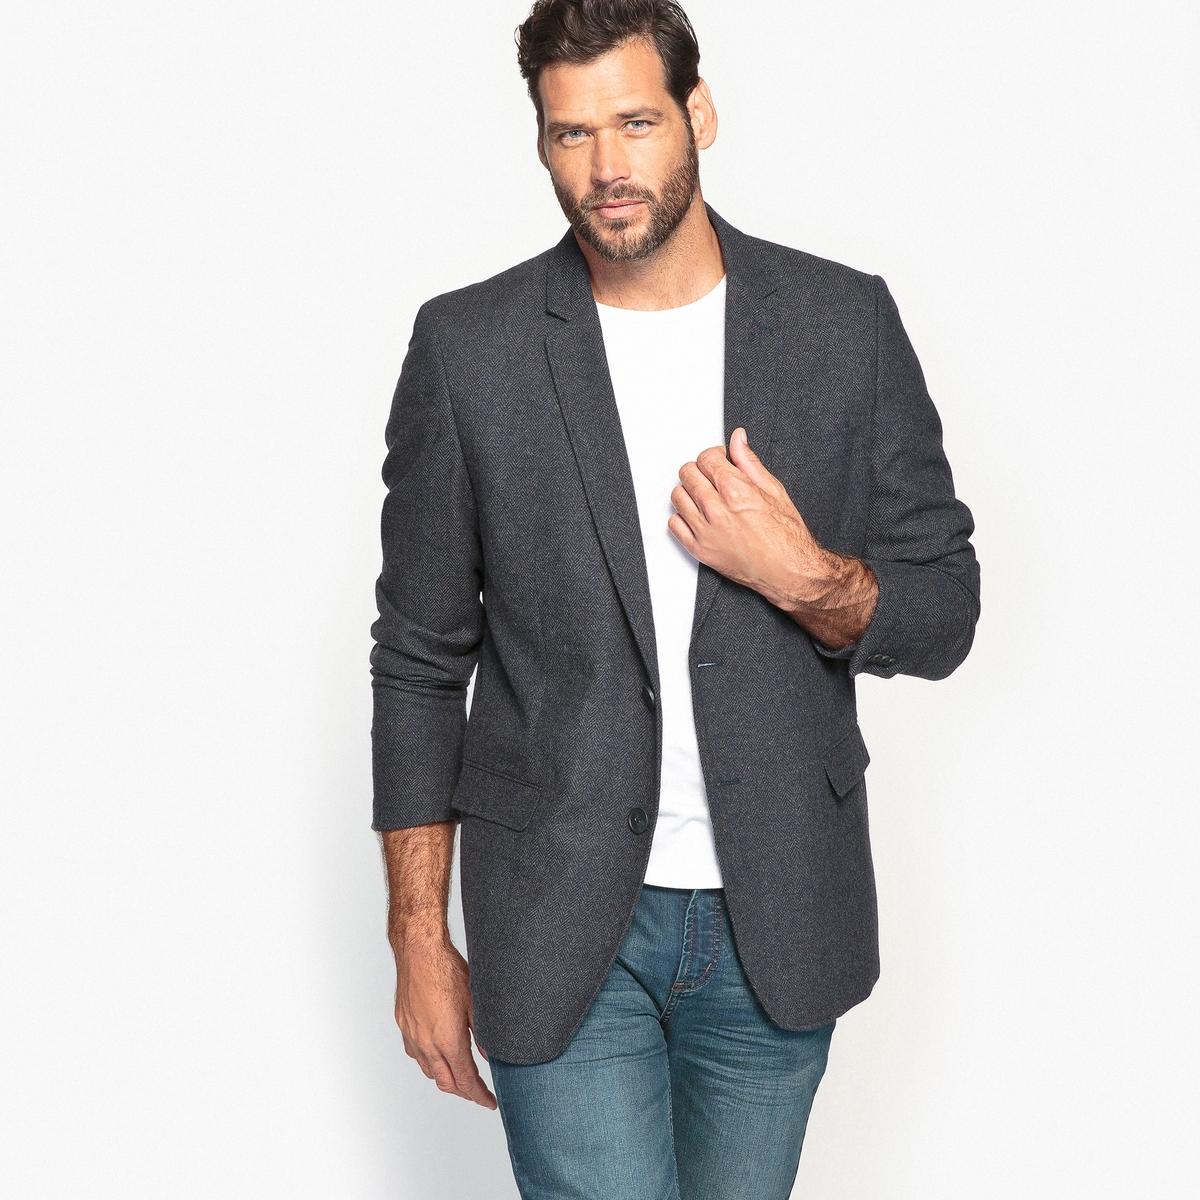 Пиджак костюмный с рисунком ёлочкаОписание:Этот костюмный пиджак с рисунком ёлочка идеально подходит к джинсам, создавая образ в городском стиле. Неотъемлемый предмет гардероба.Детали •  Пиджак костюмный •  Прямой покрой  •  Воротник-поло, рубашечный Состав и уход •  43% шерсти, 6% других волокон, 51% полиэстера • Не стирать •  Допускается чистка любыми растворителями / отбеливание запрещено •  Не использовать барабанную сушку •  Не гладить  Товар из коллекции больших размеров •  Застежка на 2 пуговицы. •  2 кармана с клапанами.<br><br>Цвет: синий морской<br>Размер: 76.58.56.72